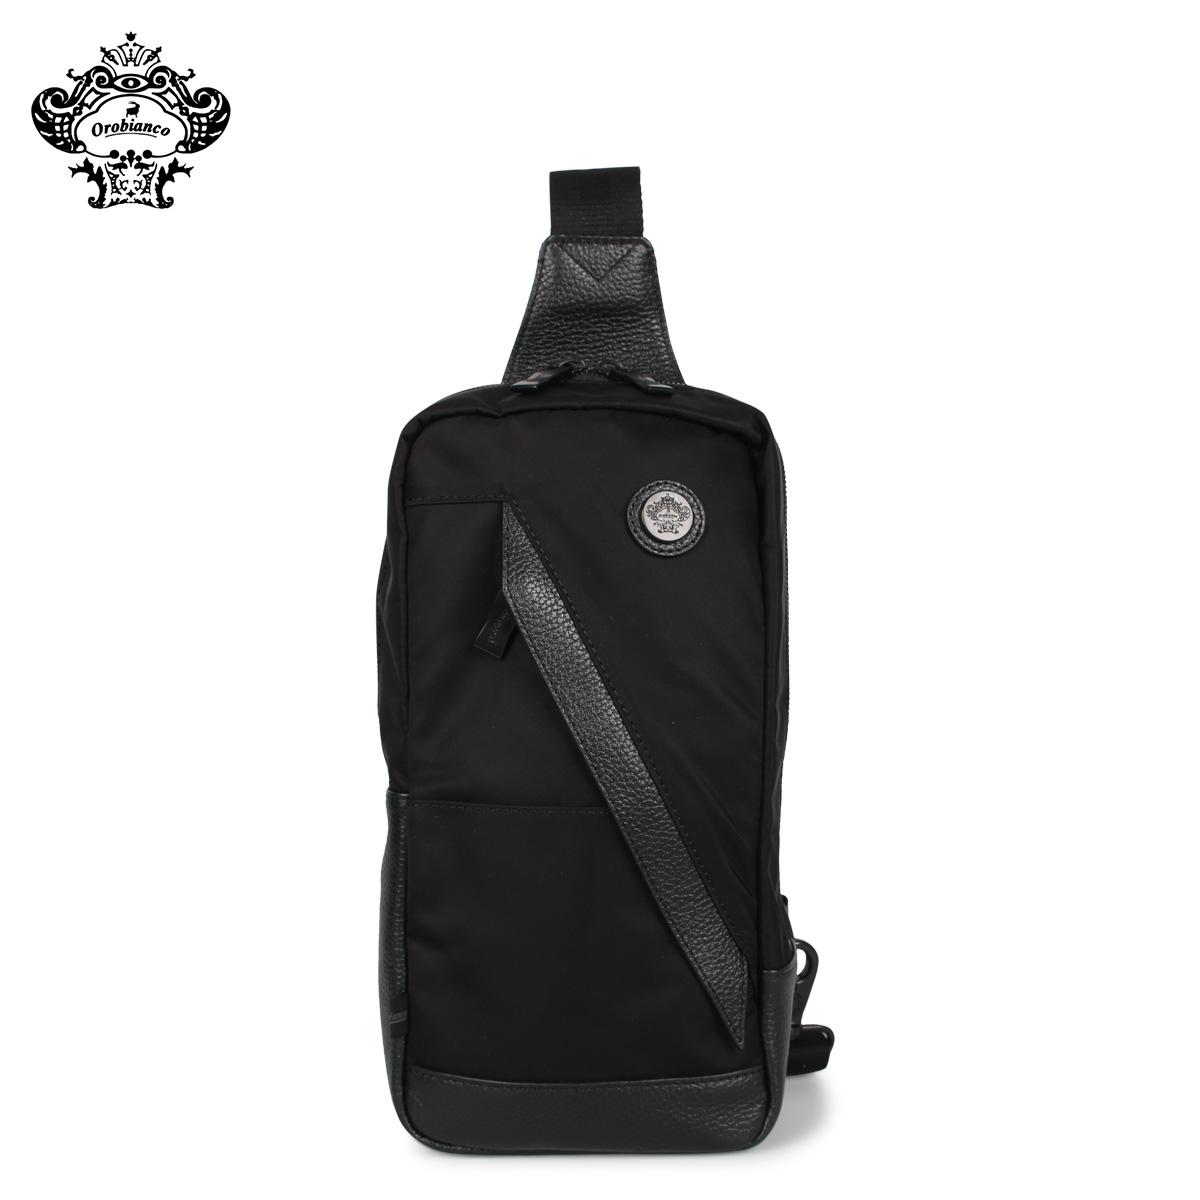 Orobianco オロビアンコ バッグ ボディバッグ ショルダーバッグ メンズ TRAVERSO S-G 01 ALL BLACK ブラック 黒 92197